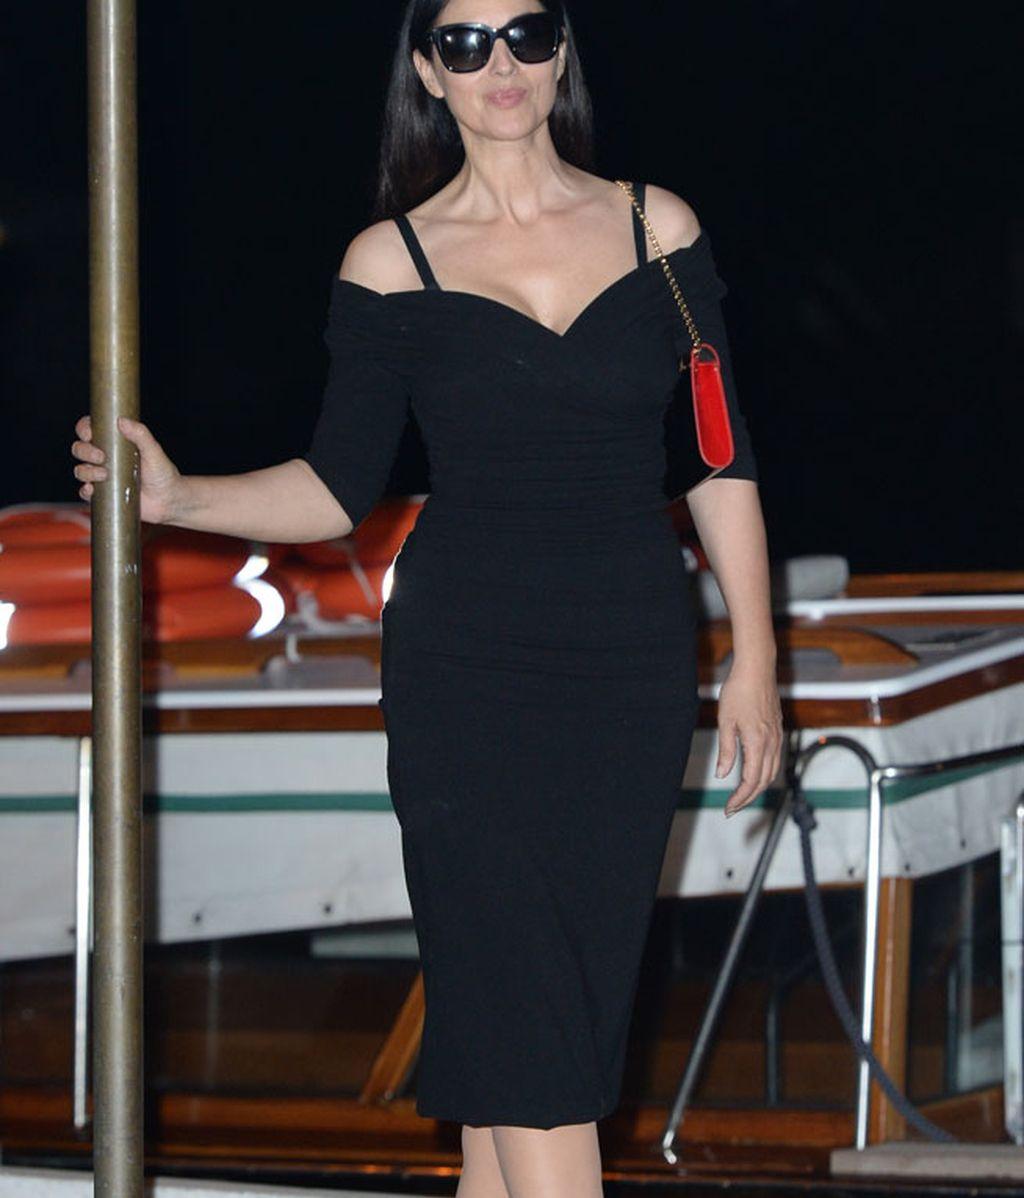 Monica Bellucci acaba de llegar al Festival: presenta la pelicula 'Un Ete Brulant'